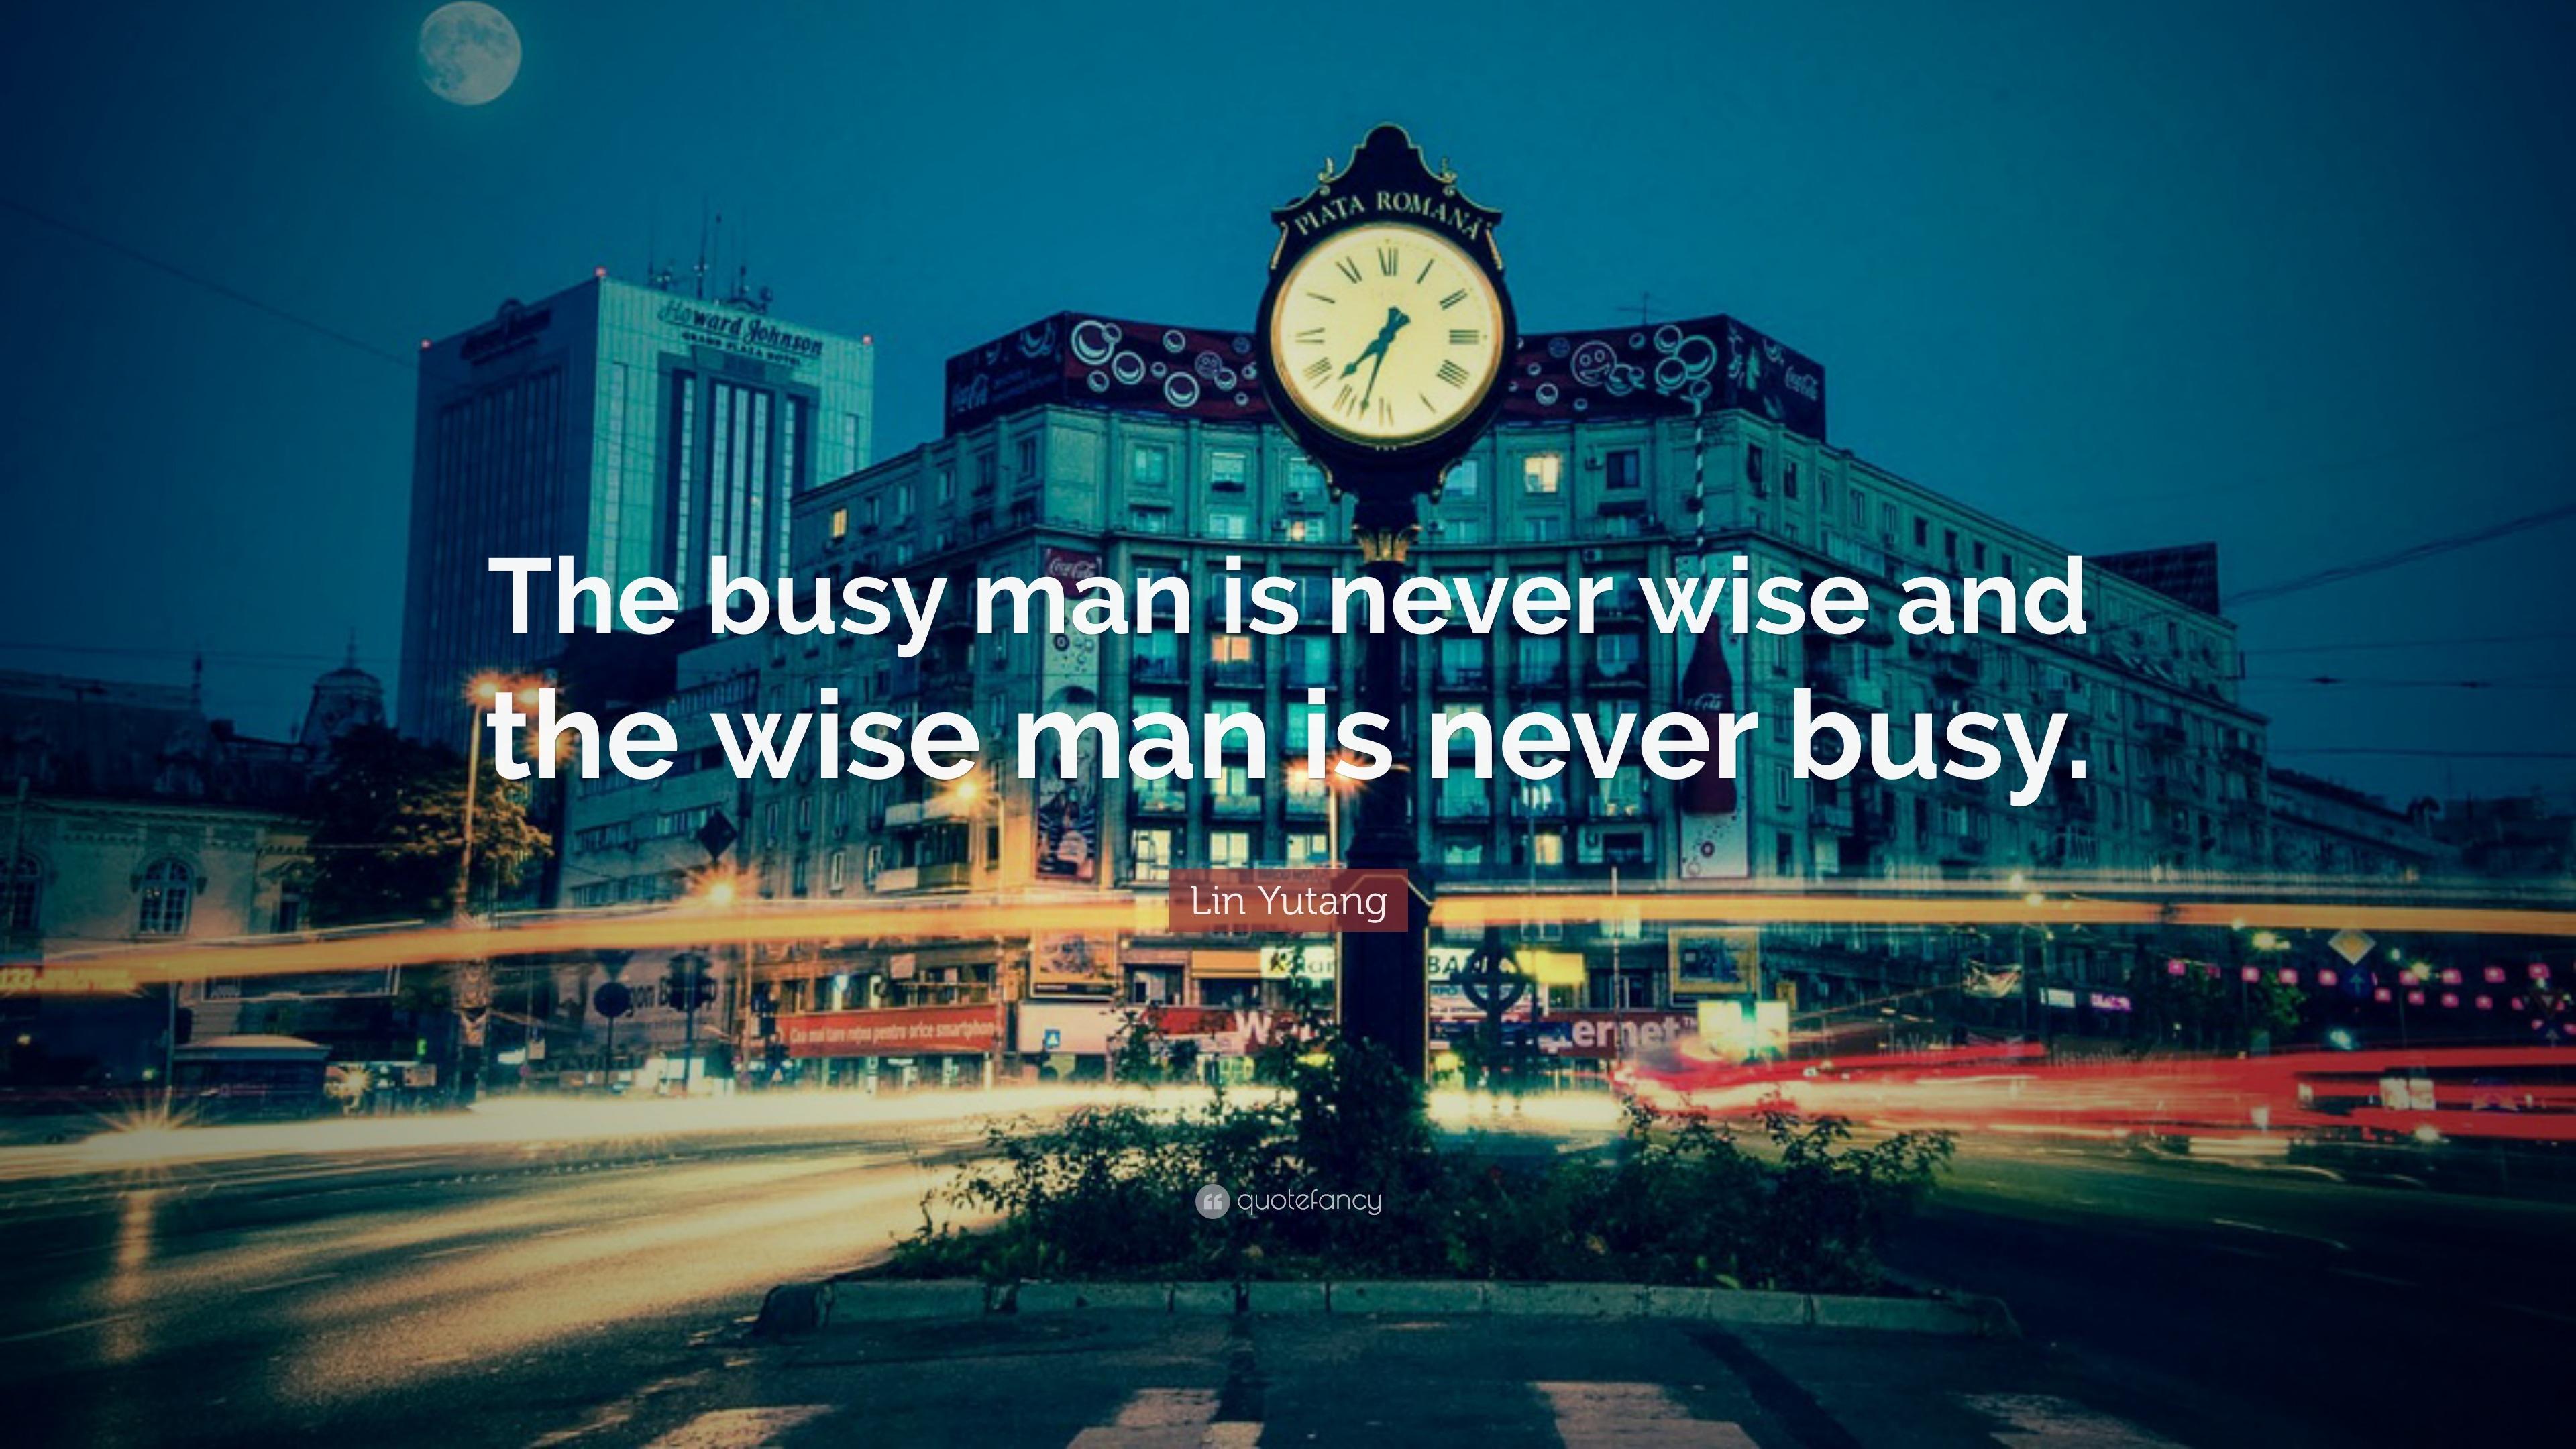 priorytety, efektywność, zarządzanie czasem, produktywność, jak planować czas, organizacja pracy, komfort, życie, rozwój osobisty, Kołcz Majk, Dorota Filipiuk, Gary Vaynerchuk, Tony Buzan, Tim Ferris, Brian Tracy